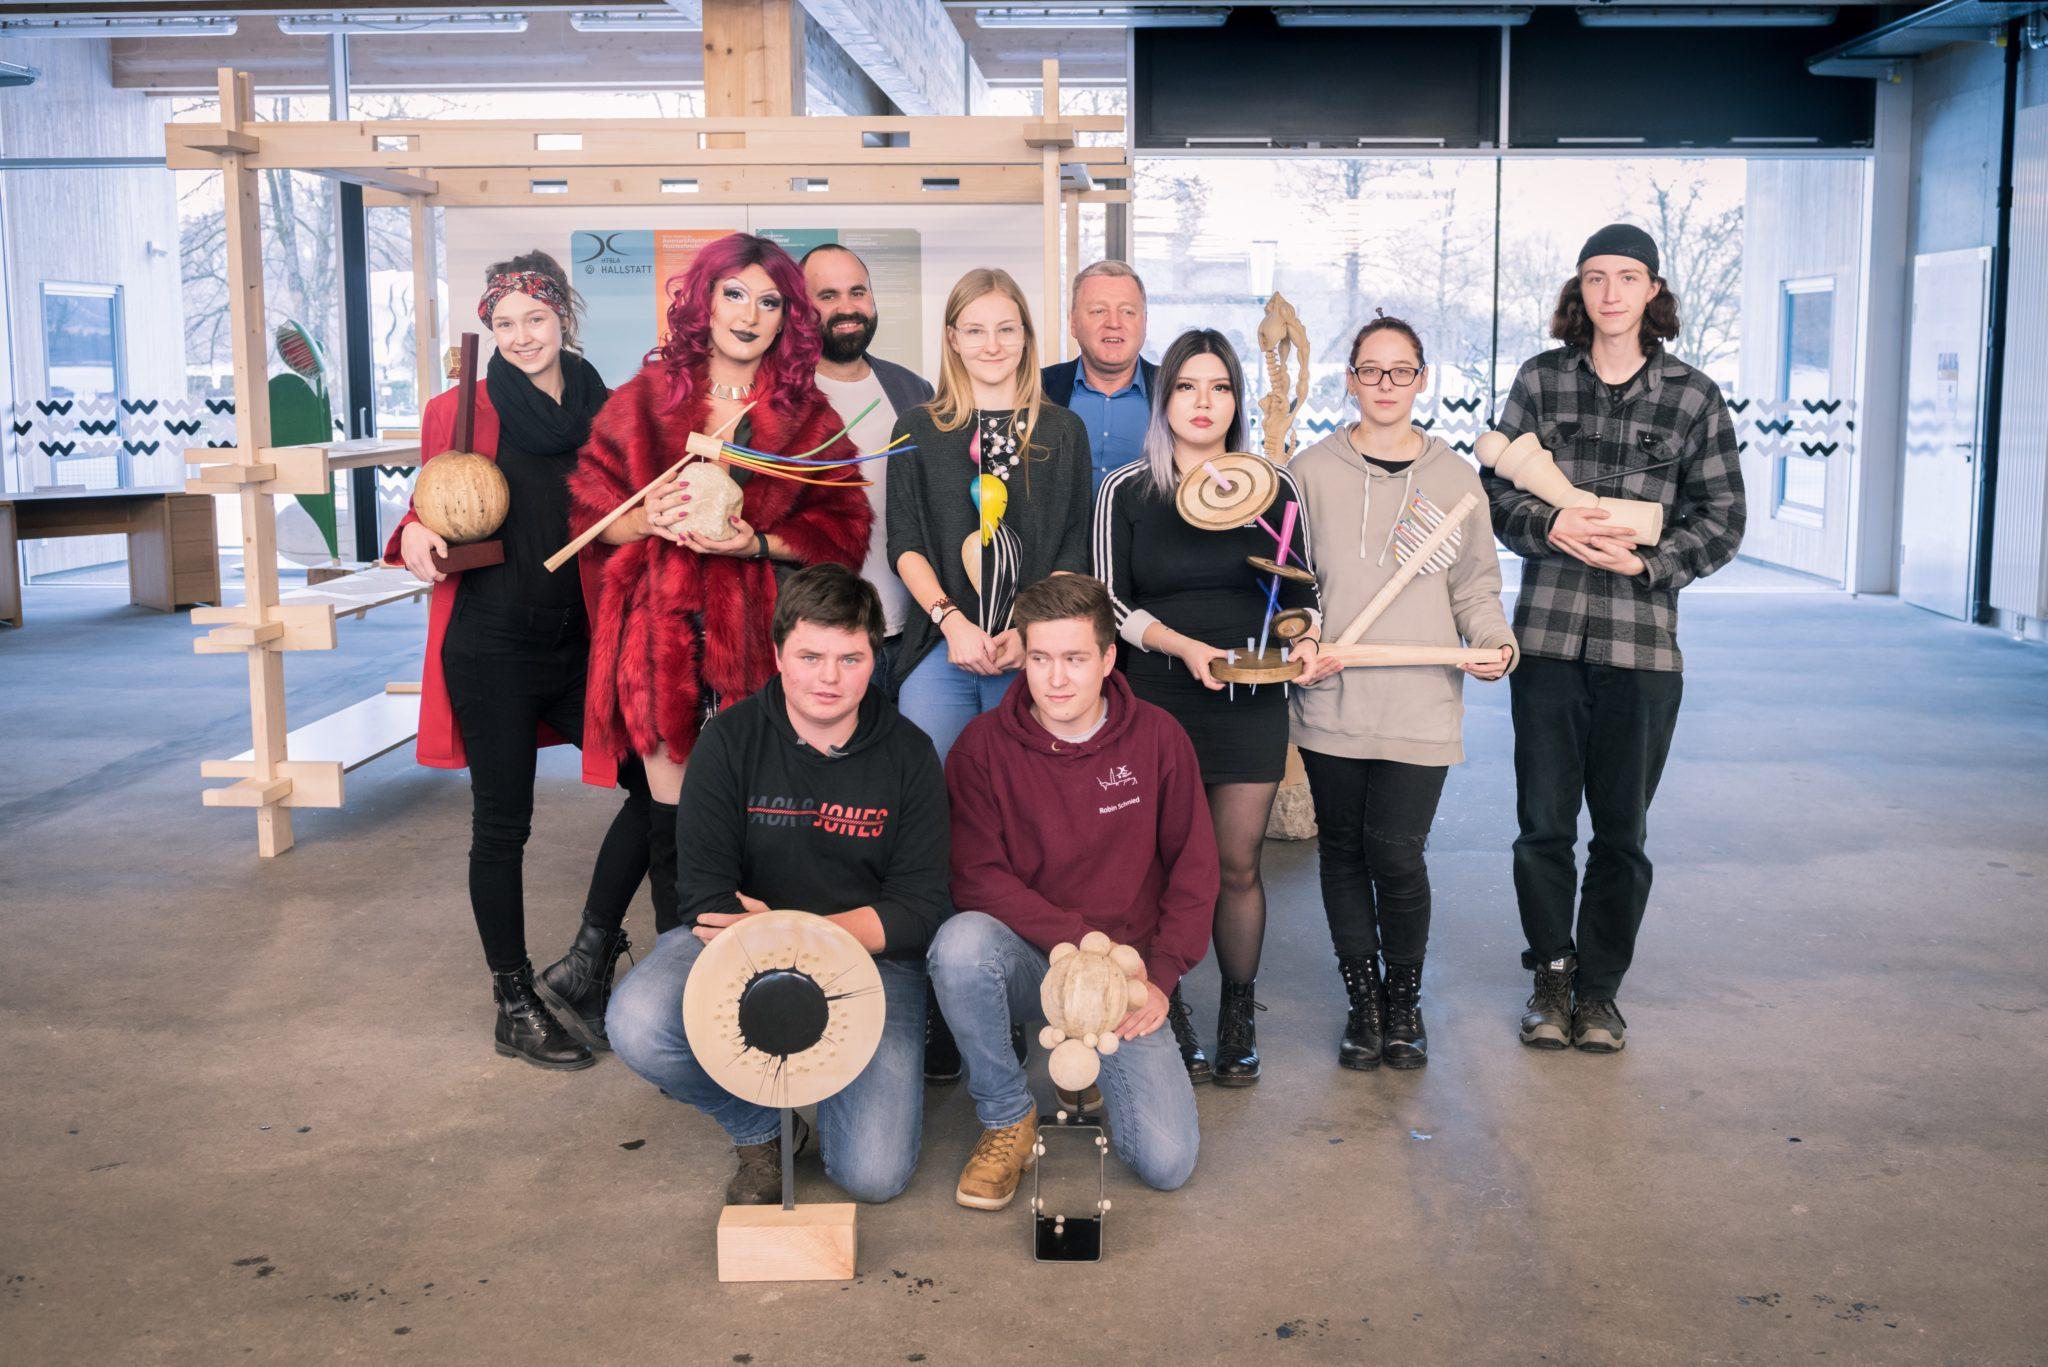 Die SchülerInnen der HTBLA Hallstatt mit ihren tollen Kreationen mit Tuntenball-Veranstalter Joe Niedermayer (3  v.l.) und Schuldirektor Christoph Preimesberger (Bildmitte).